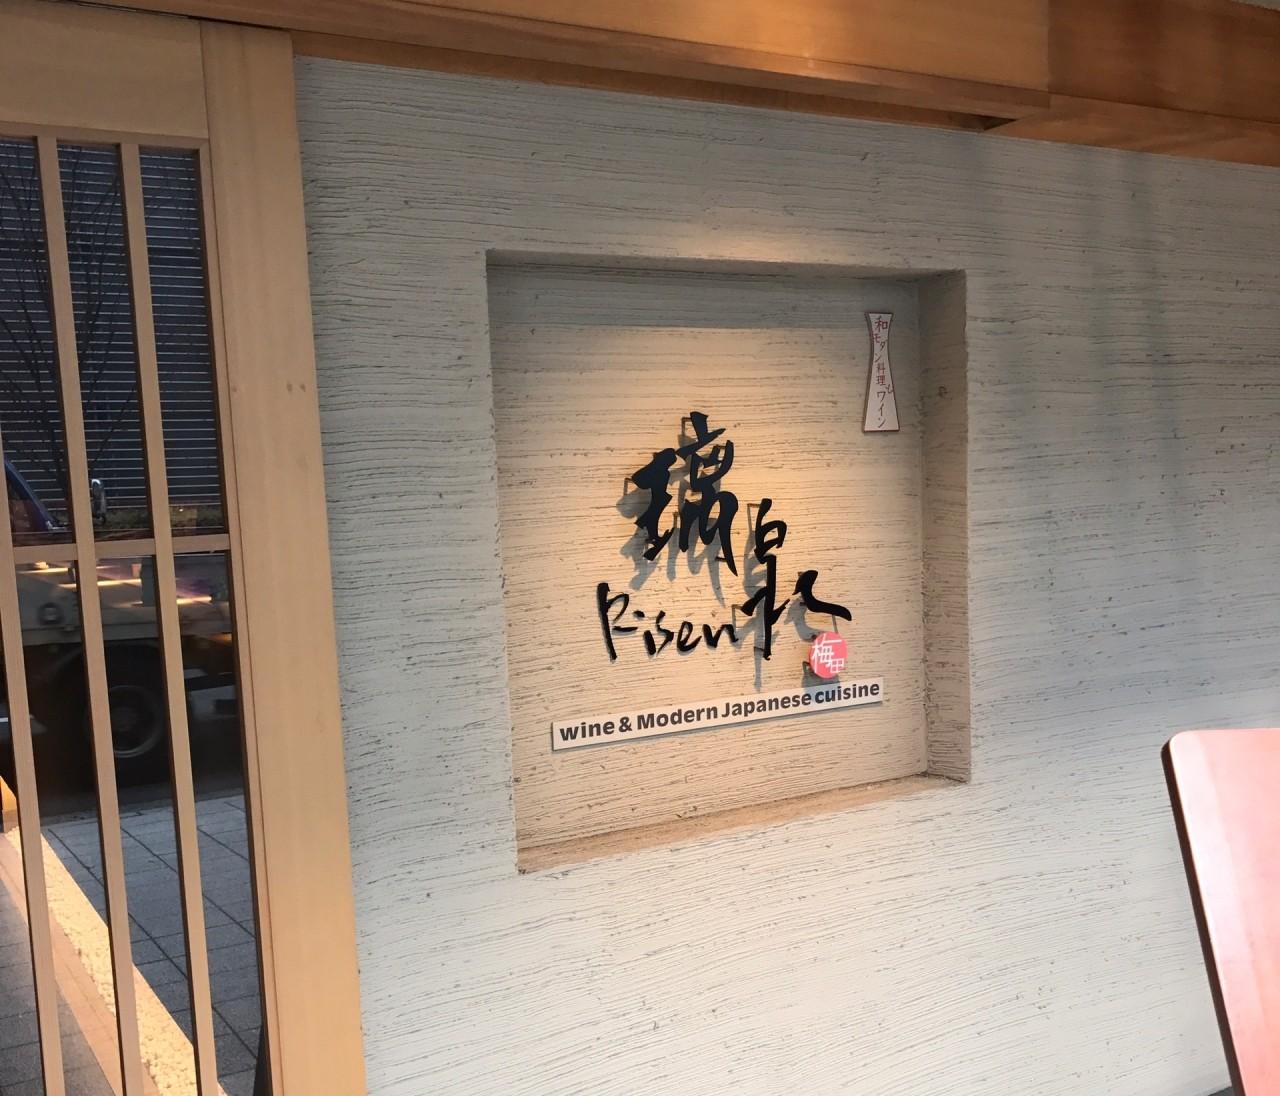 和モダン料理とワインのお店。璃泉へ。